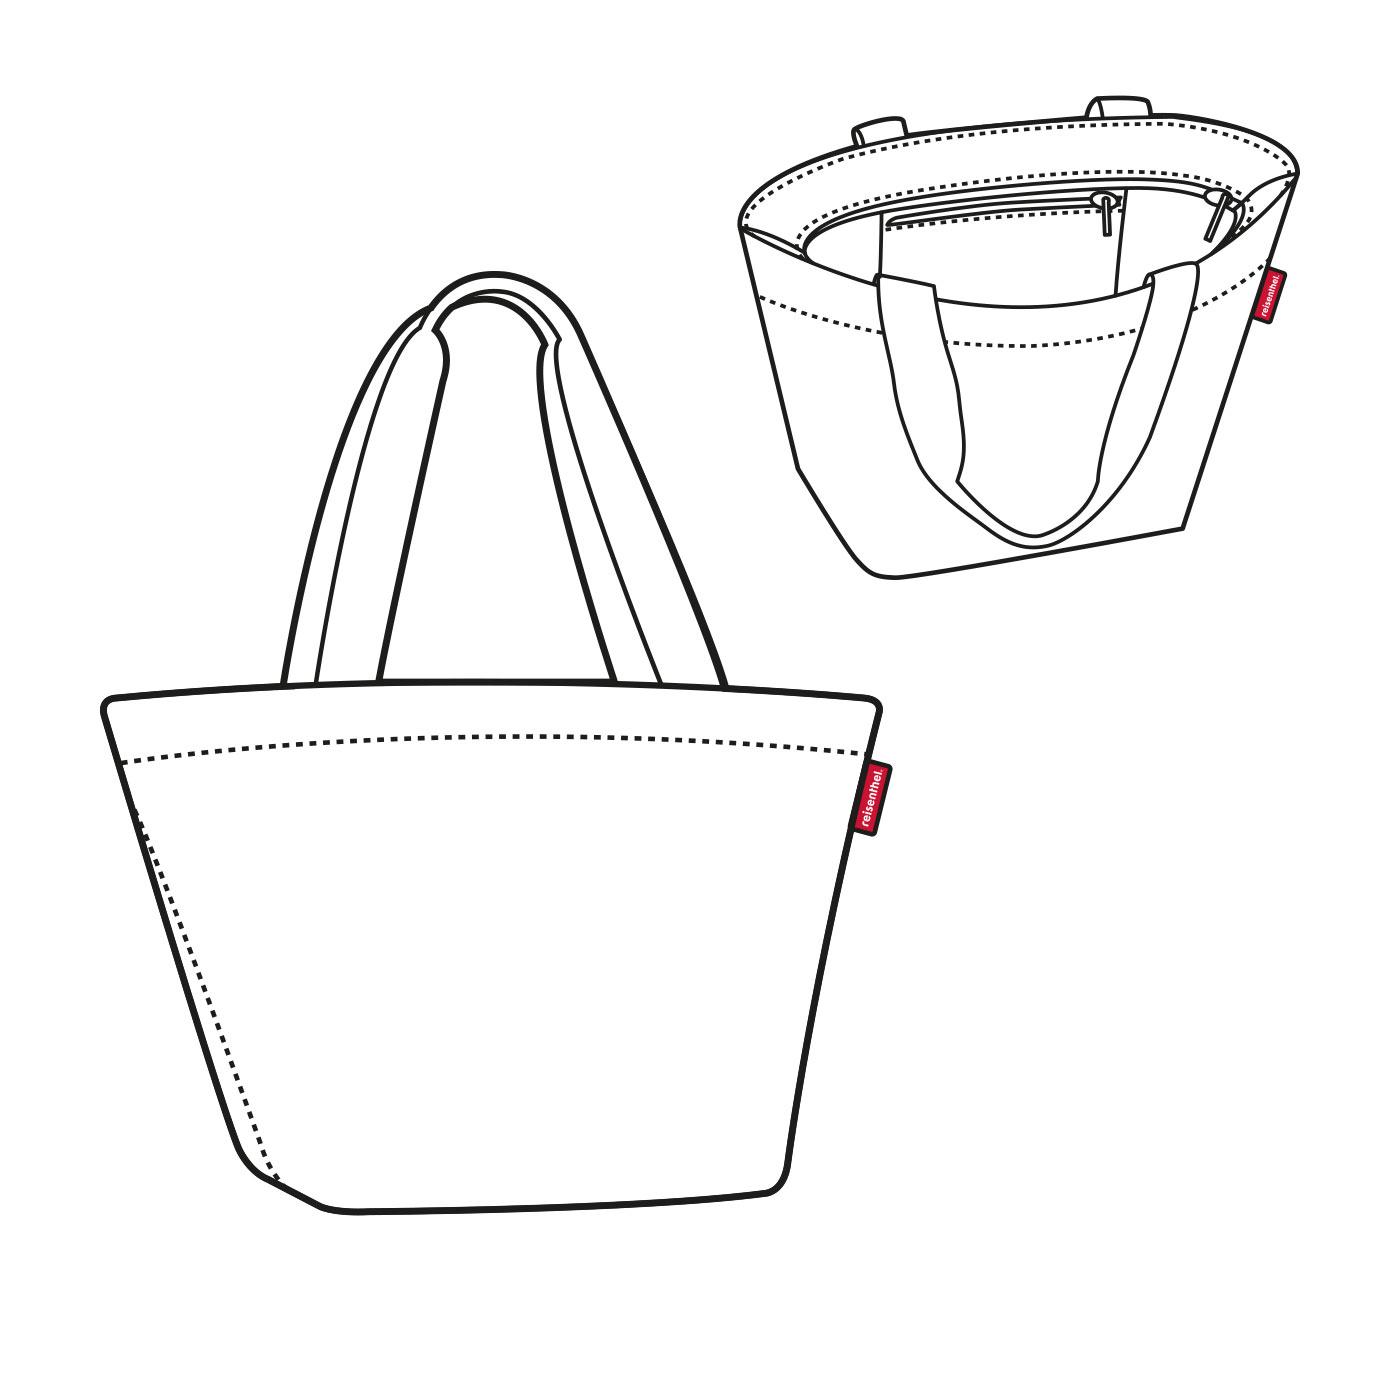 Reisenthel Shopper M Spots Navy - možnost uzavření na zip - uvnitř kapsa na zip - obdélníkové dno zaručující stabilitu při stání - vyrobeno z prvotřídního polyesteru